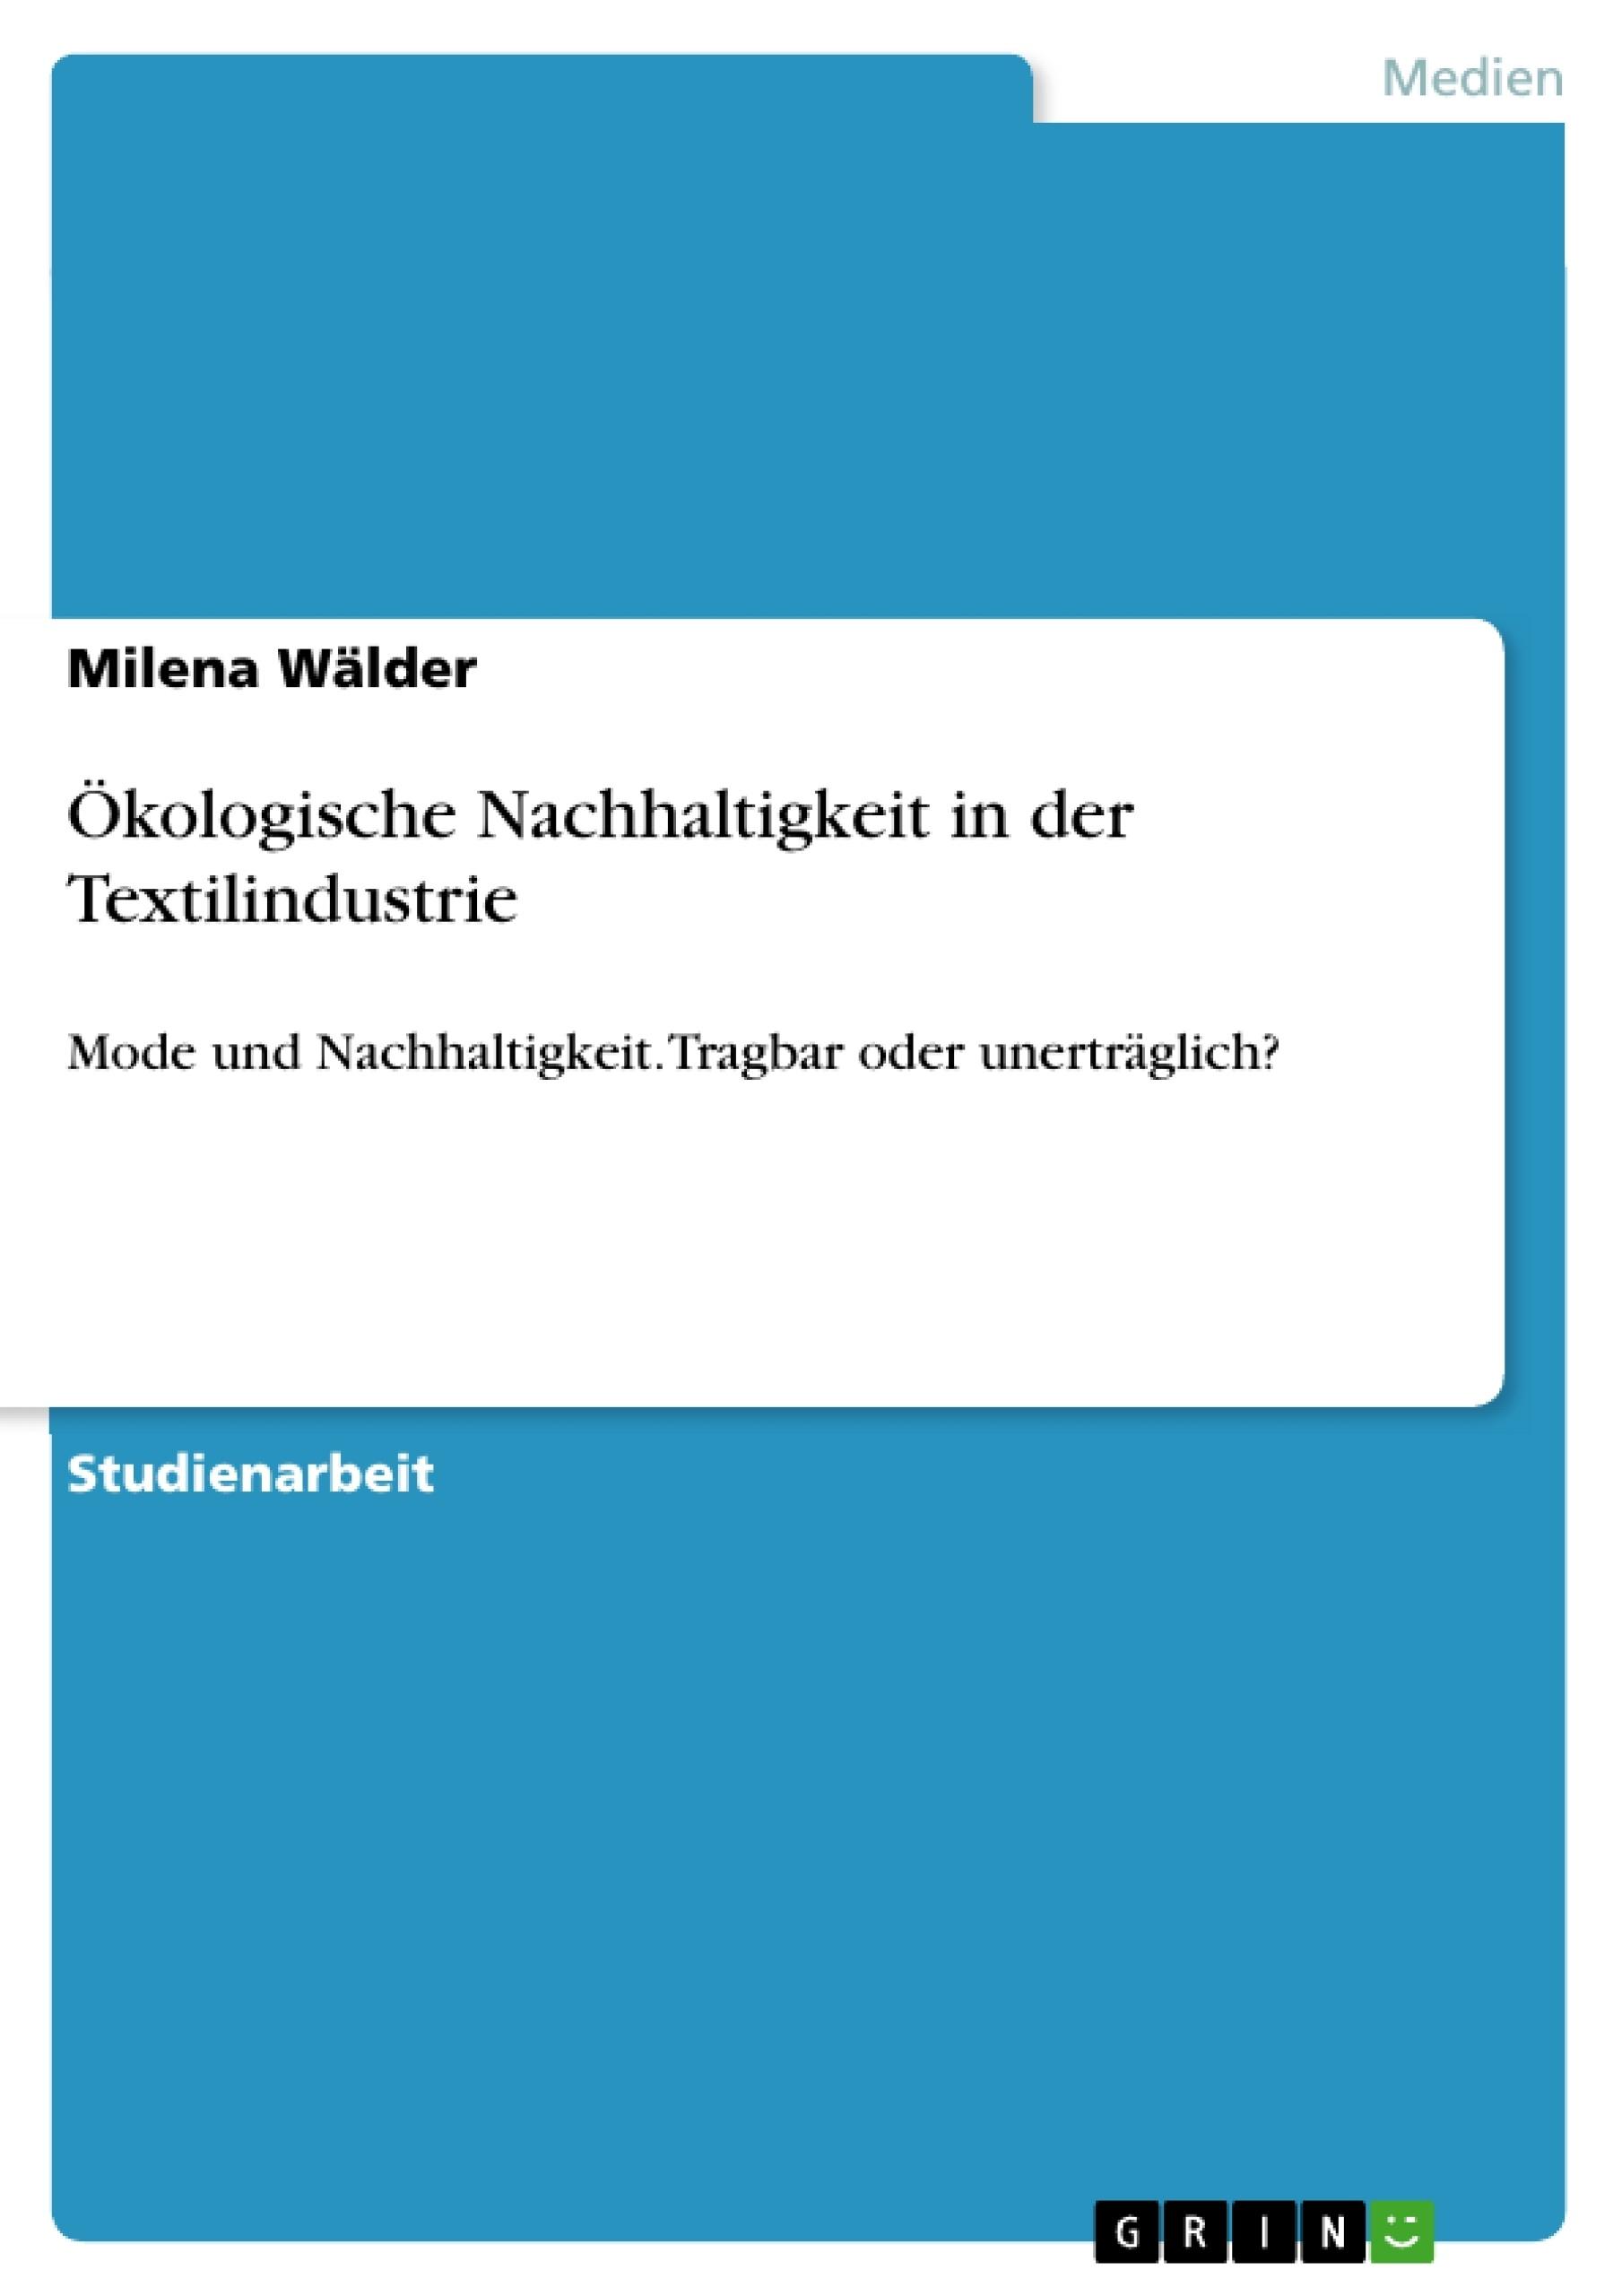 Titel: Ökologische Nachhaltigkeit in der Textilindustrie